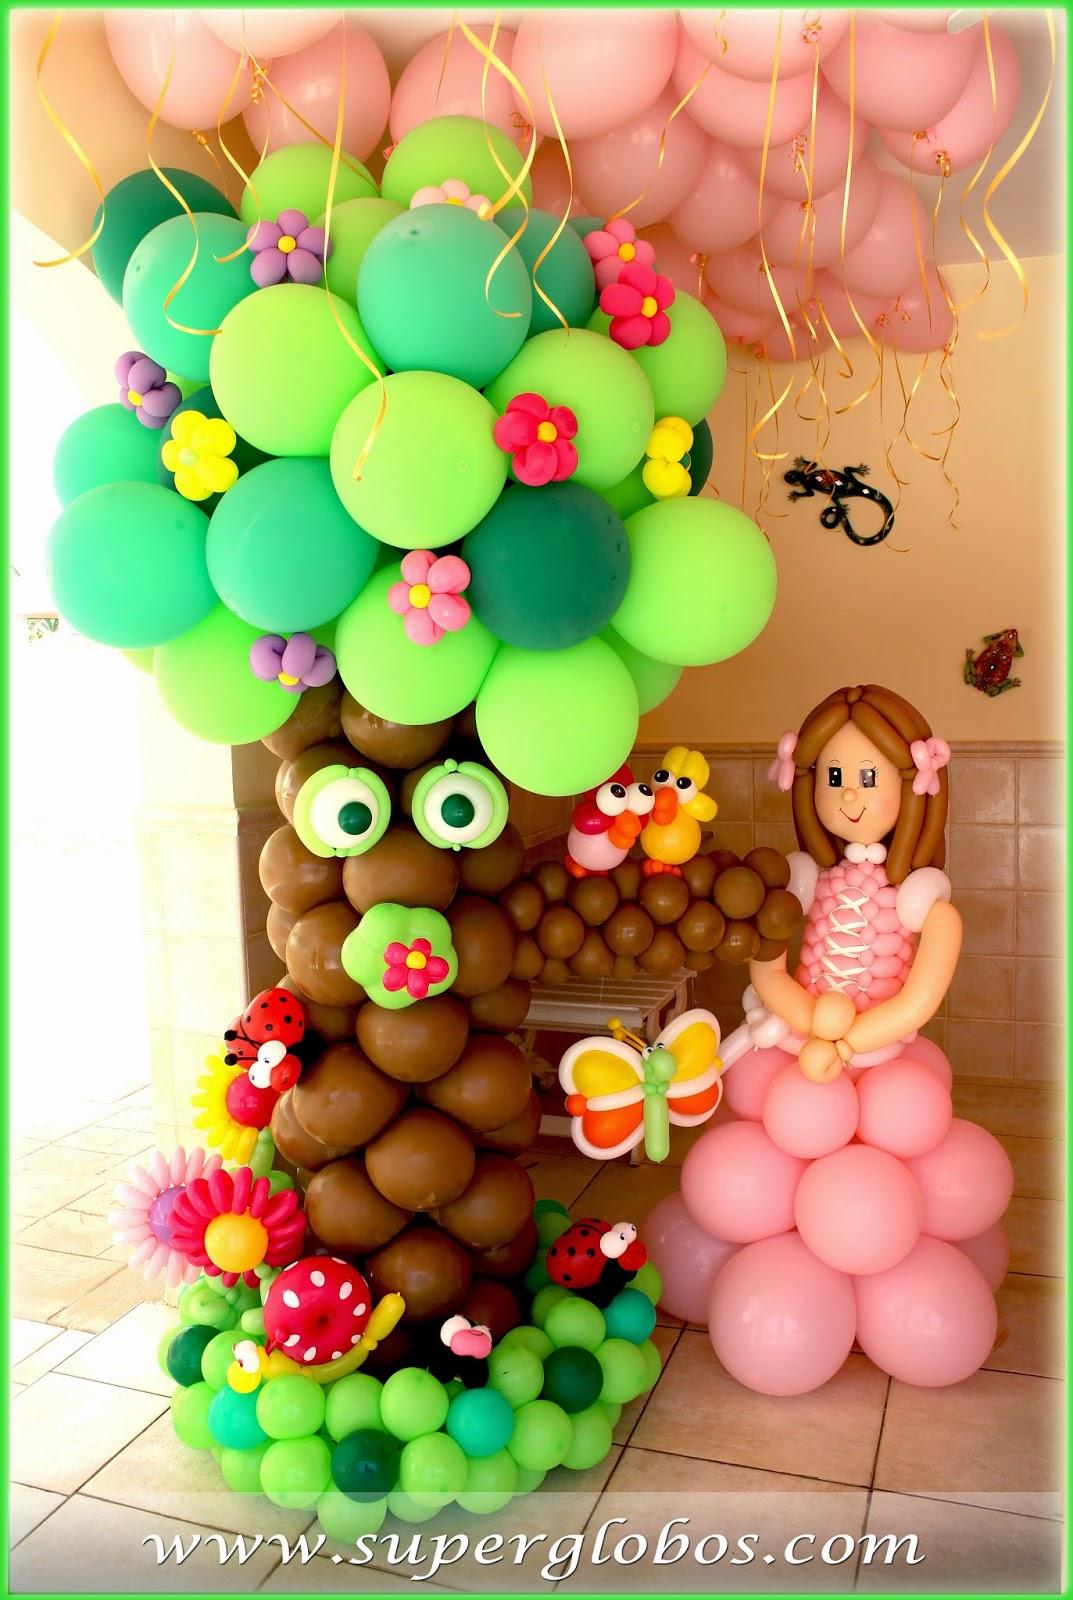 Decoraci n con globos para eventos y fiestas superglobos for Cosas de decoracion